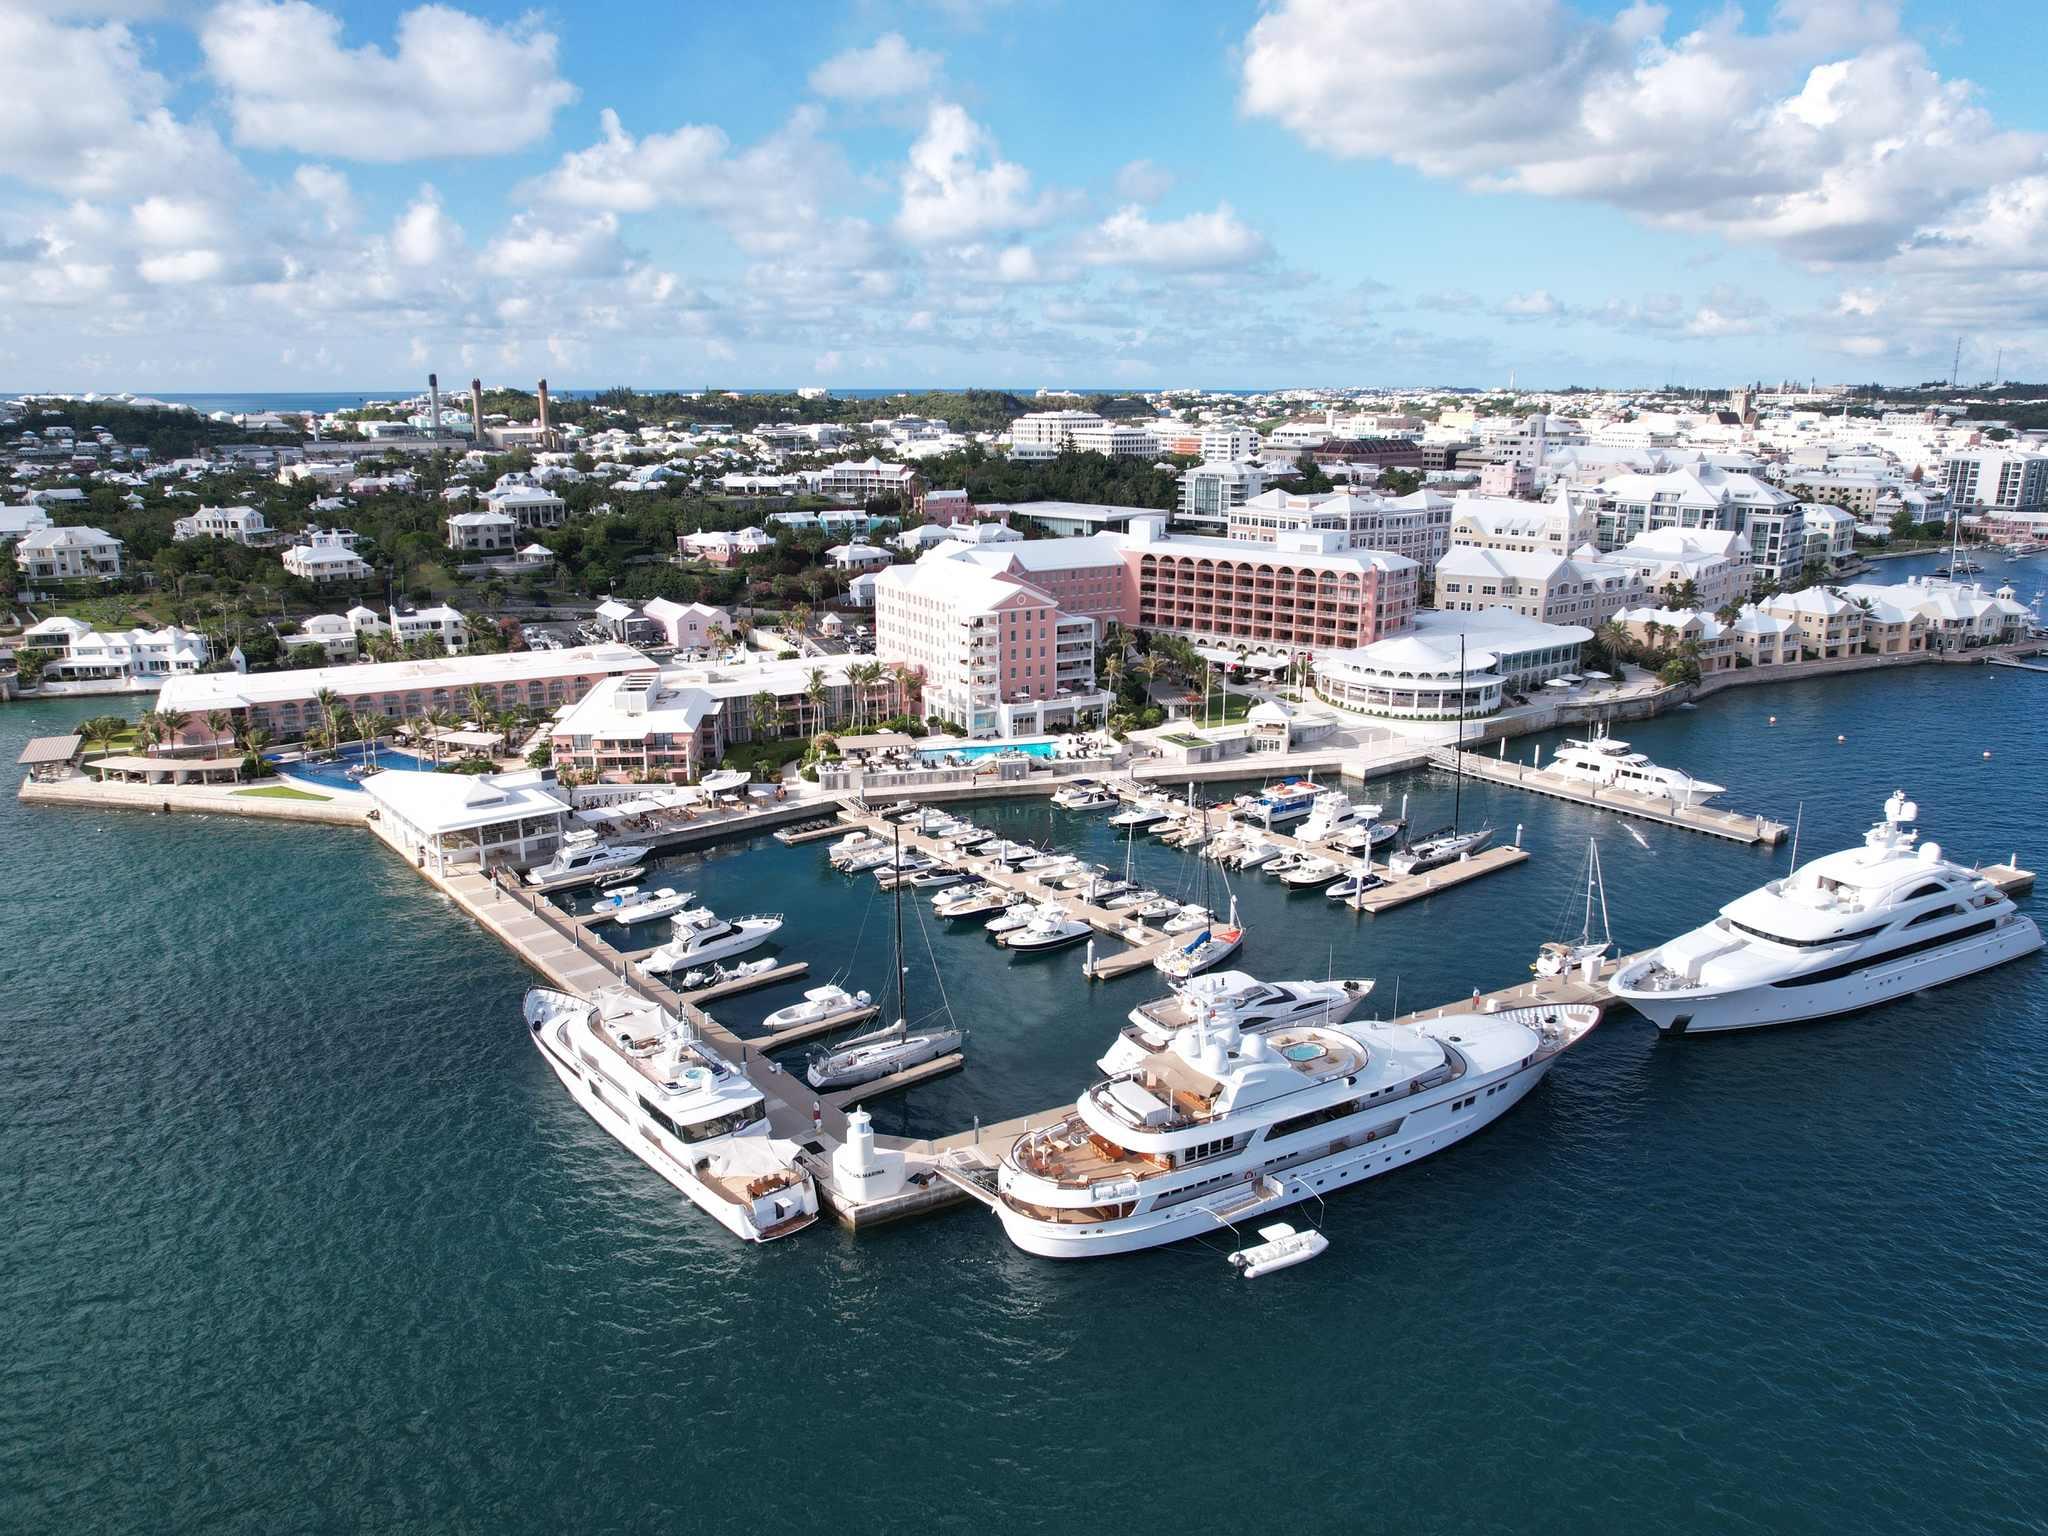 Hotel - Hamilton Princess & Beach Club - A Fairmont Managed Hotel